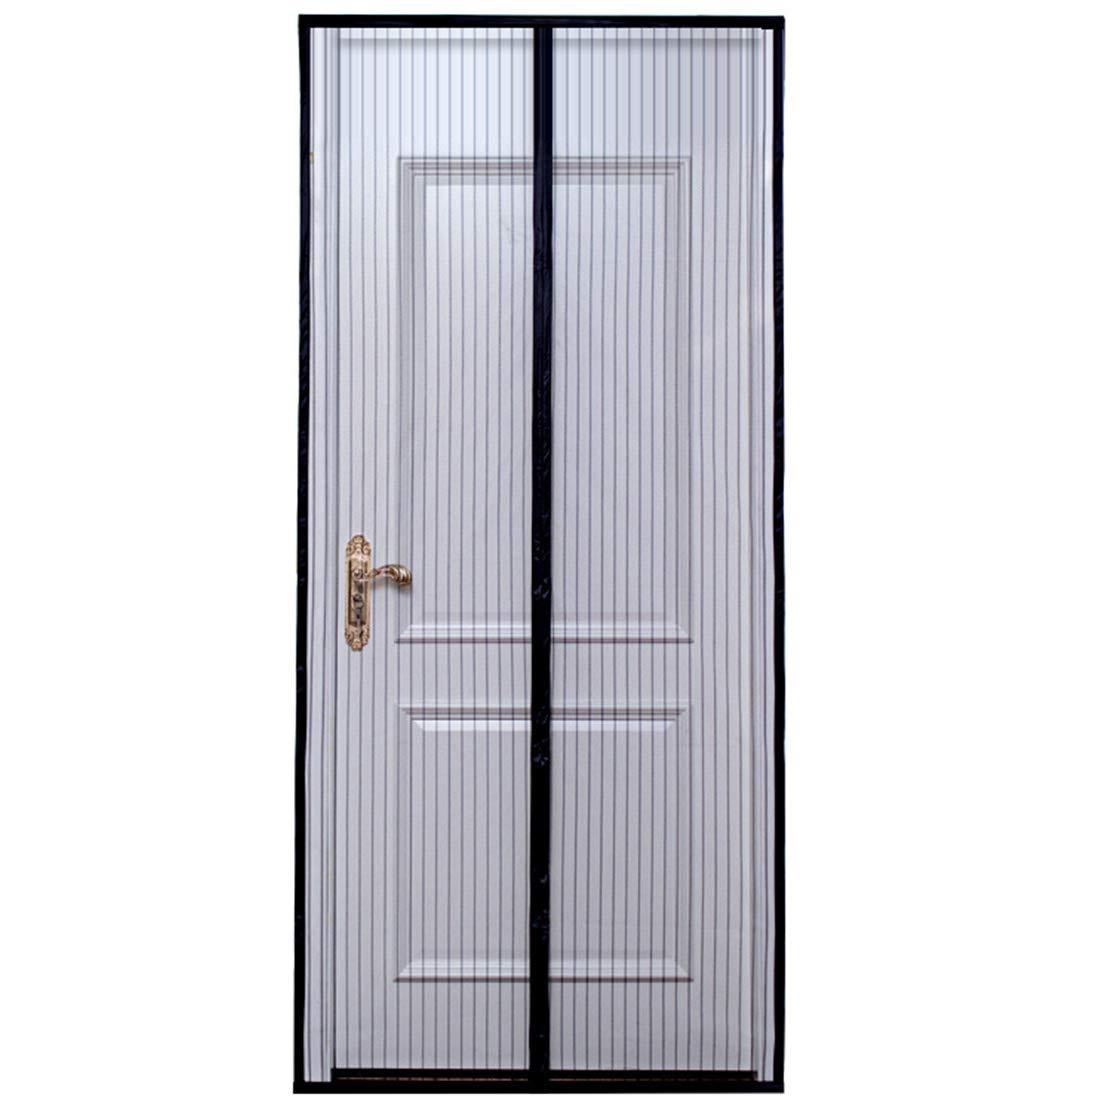 Magnetic Screen Door Mesh Curtain, Fits Doors Up to 34 x 82 Max, Full Frame Velcro, Best Used as Patio Mesh Door, Pet Screen Door by OBOOUM